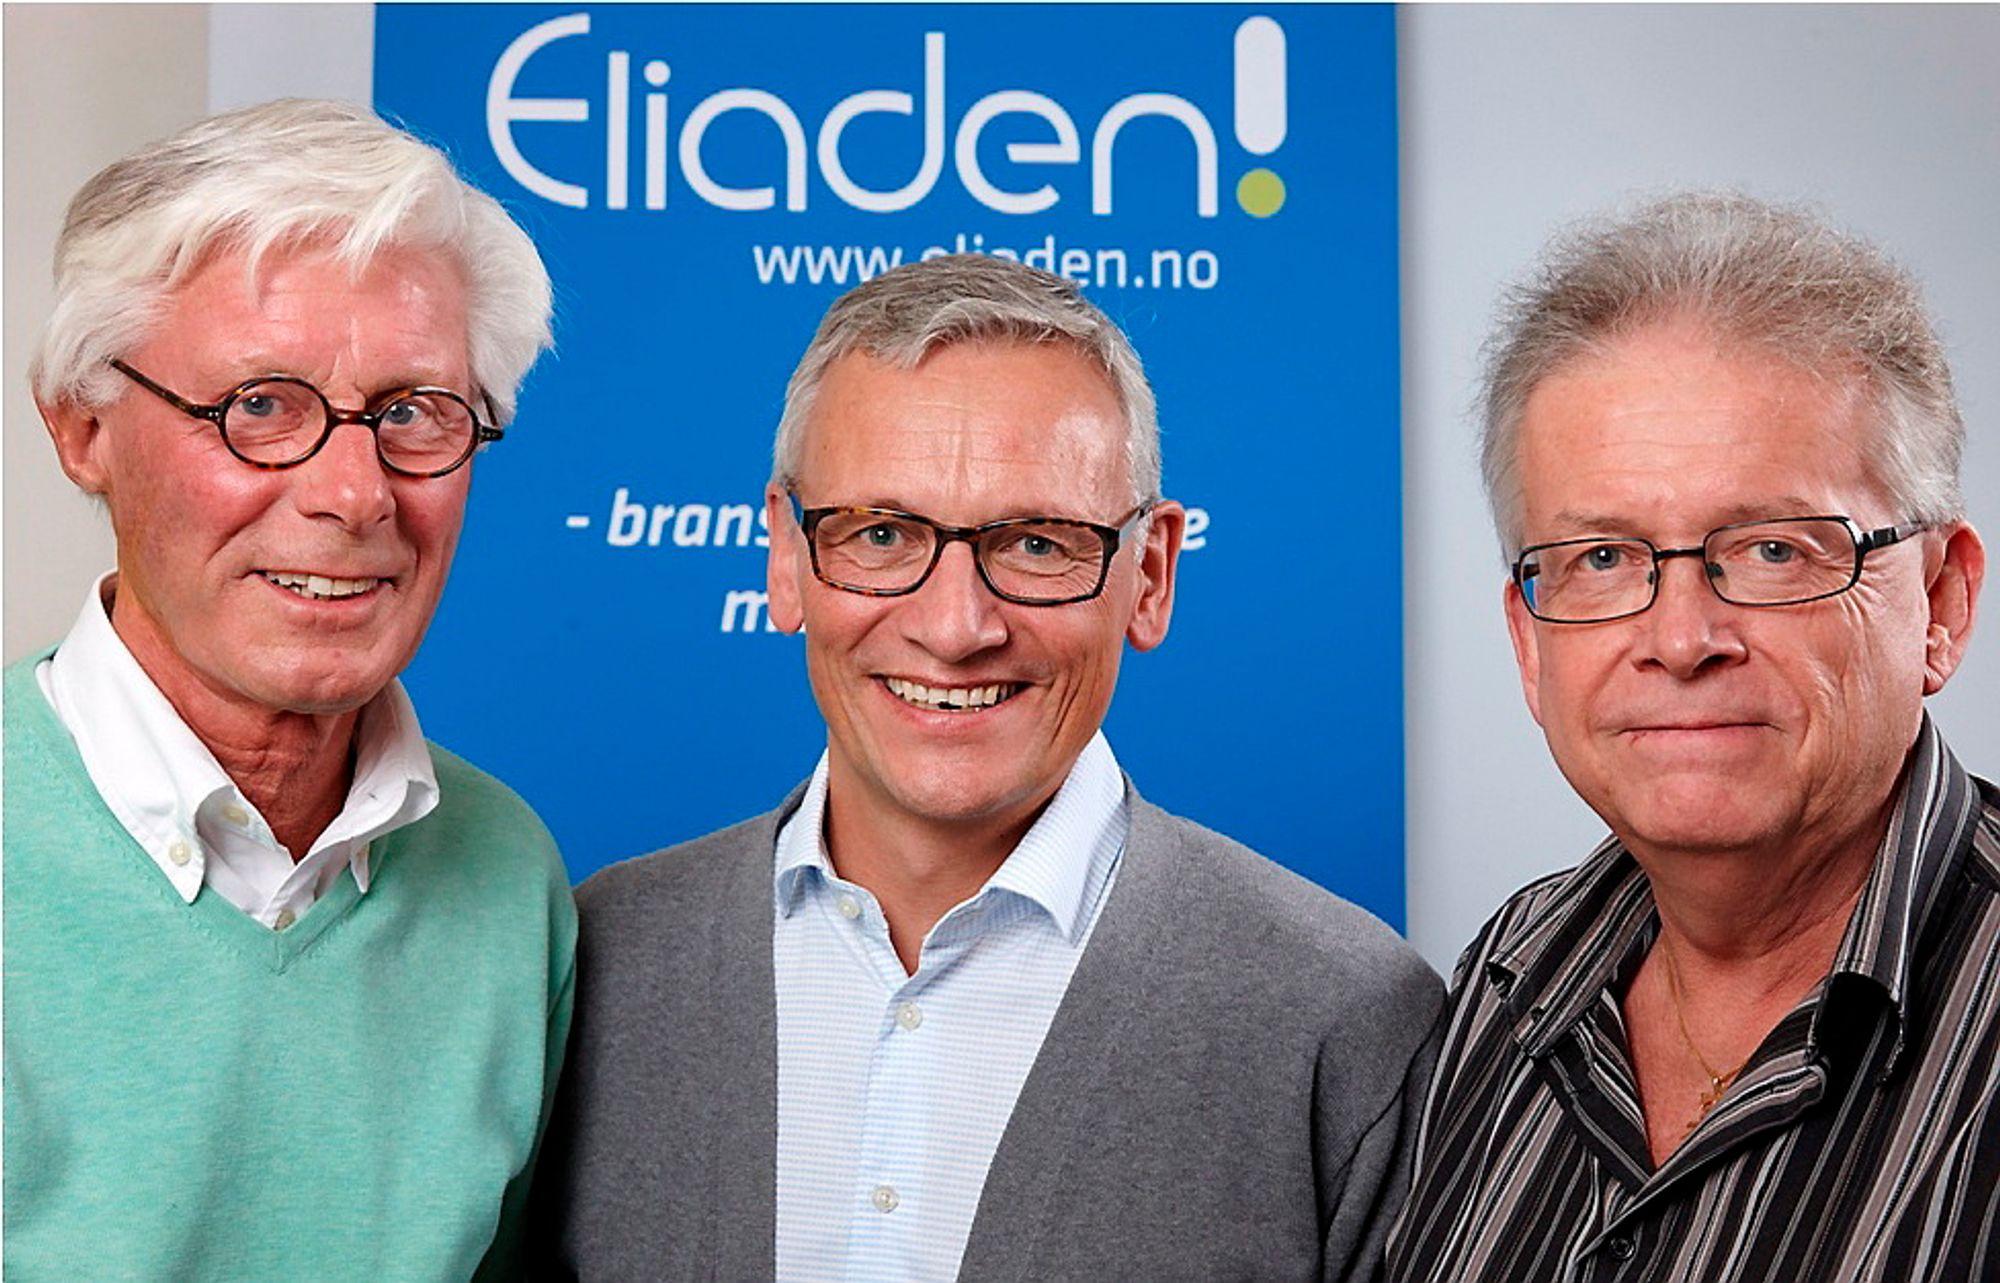 Then There Were Three: PEA-gründerne Helge Bjørhall (t.v.) og Per Kølner flankerer Eliadens prosjektleder Nils Erik Magnell. I juni 2014 samles hele automatiseringsbransjen på Lillestrøm.